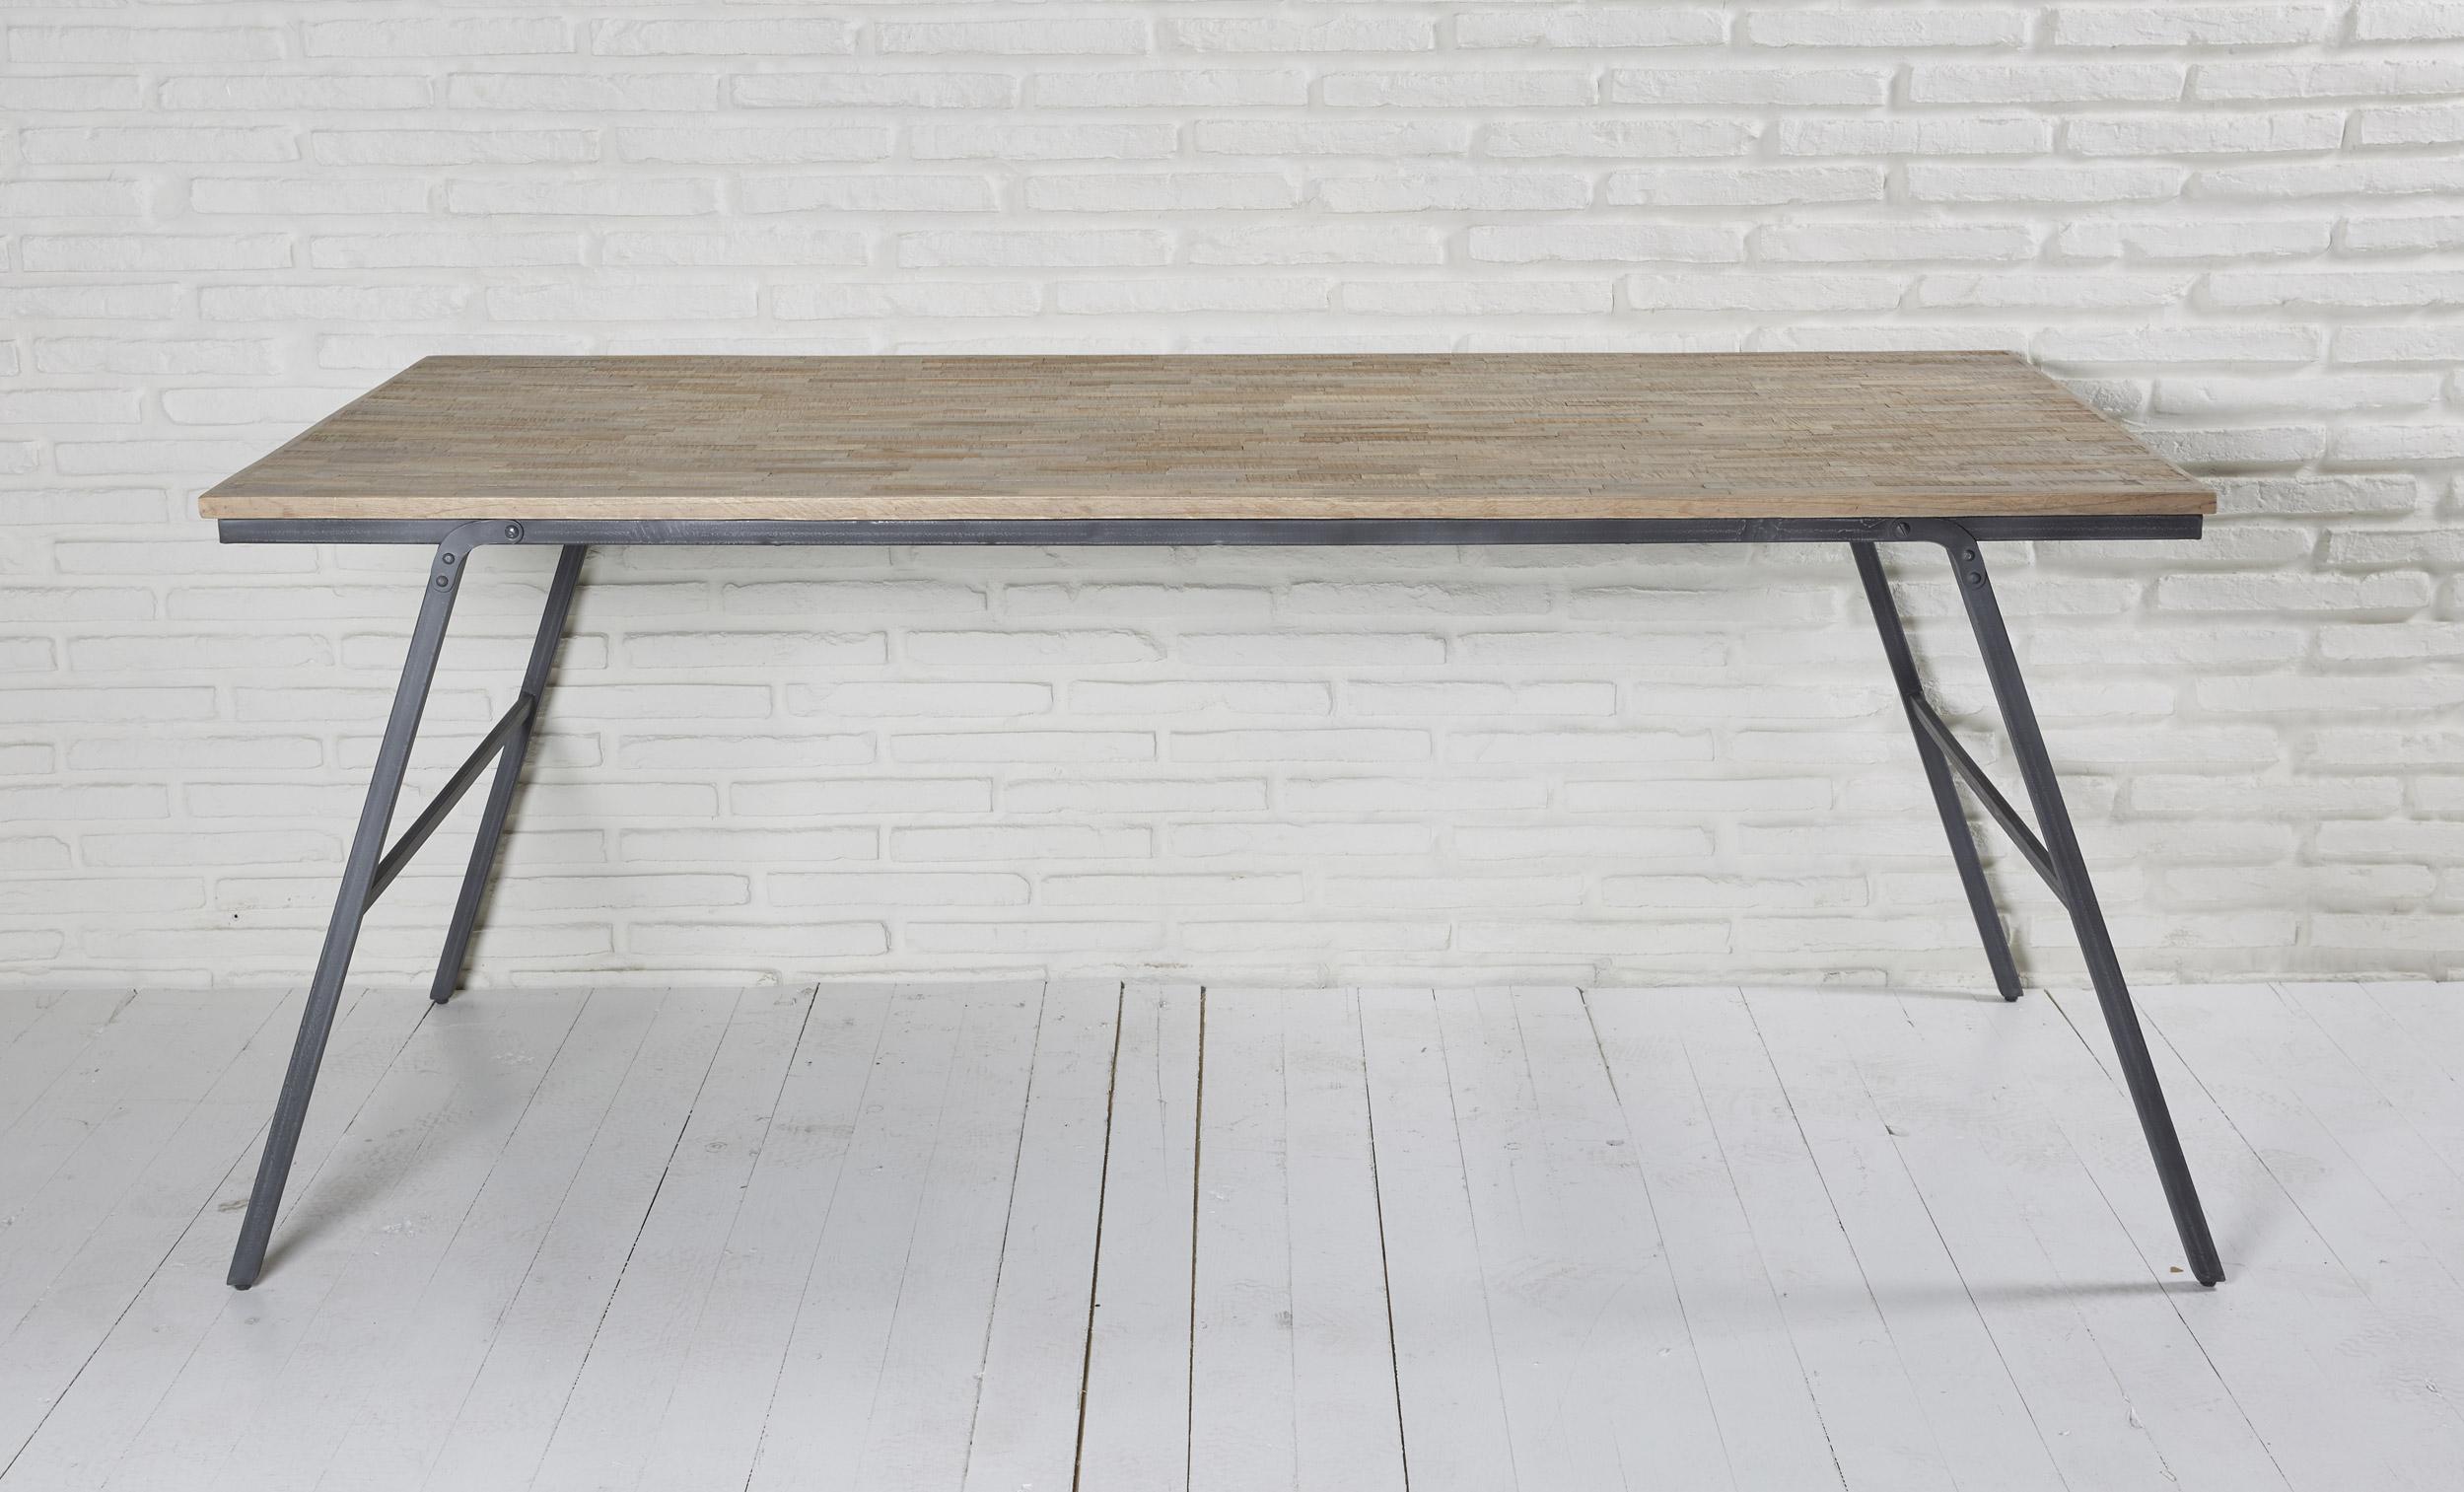 Cool Esstisch Holz Metall Dekoration Von Recycling Teak Grau 180x90x76 Cm Tisch Esszimmertisch